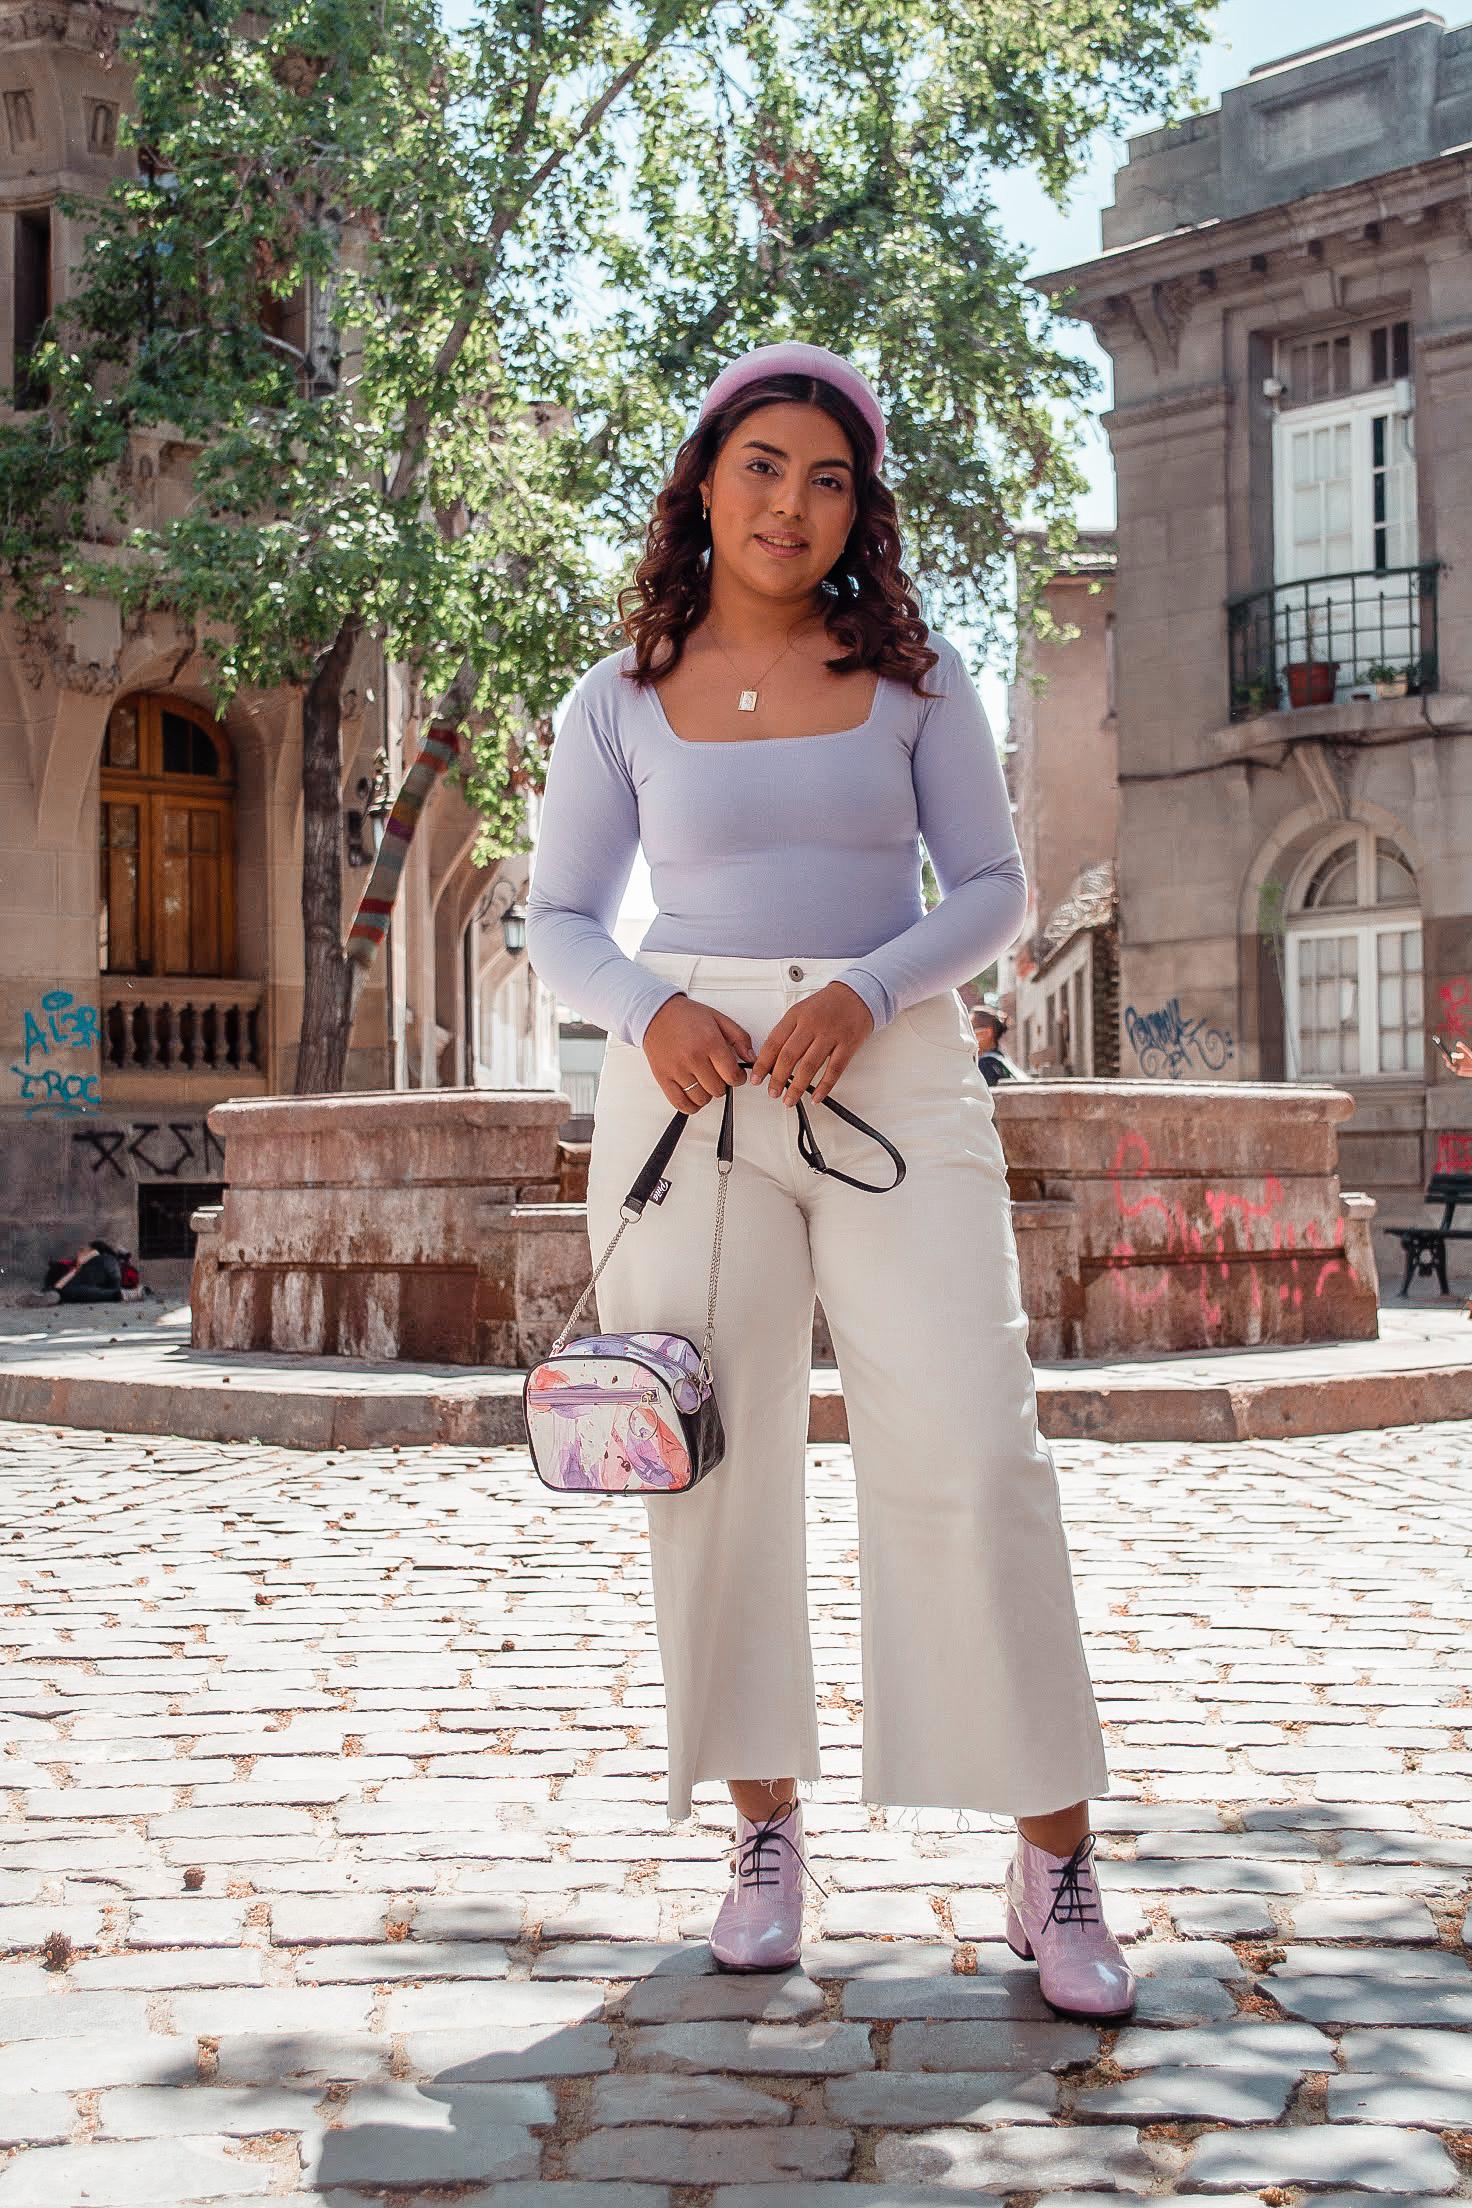 """Entrevista a @patriciacortos: """"Mostrarme usando una prenda x es mucho más que modelar por likes, es darle la confianza a otra persona a través de una pantalla"""""""